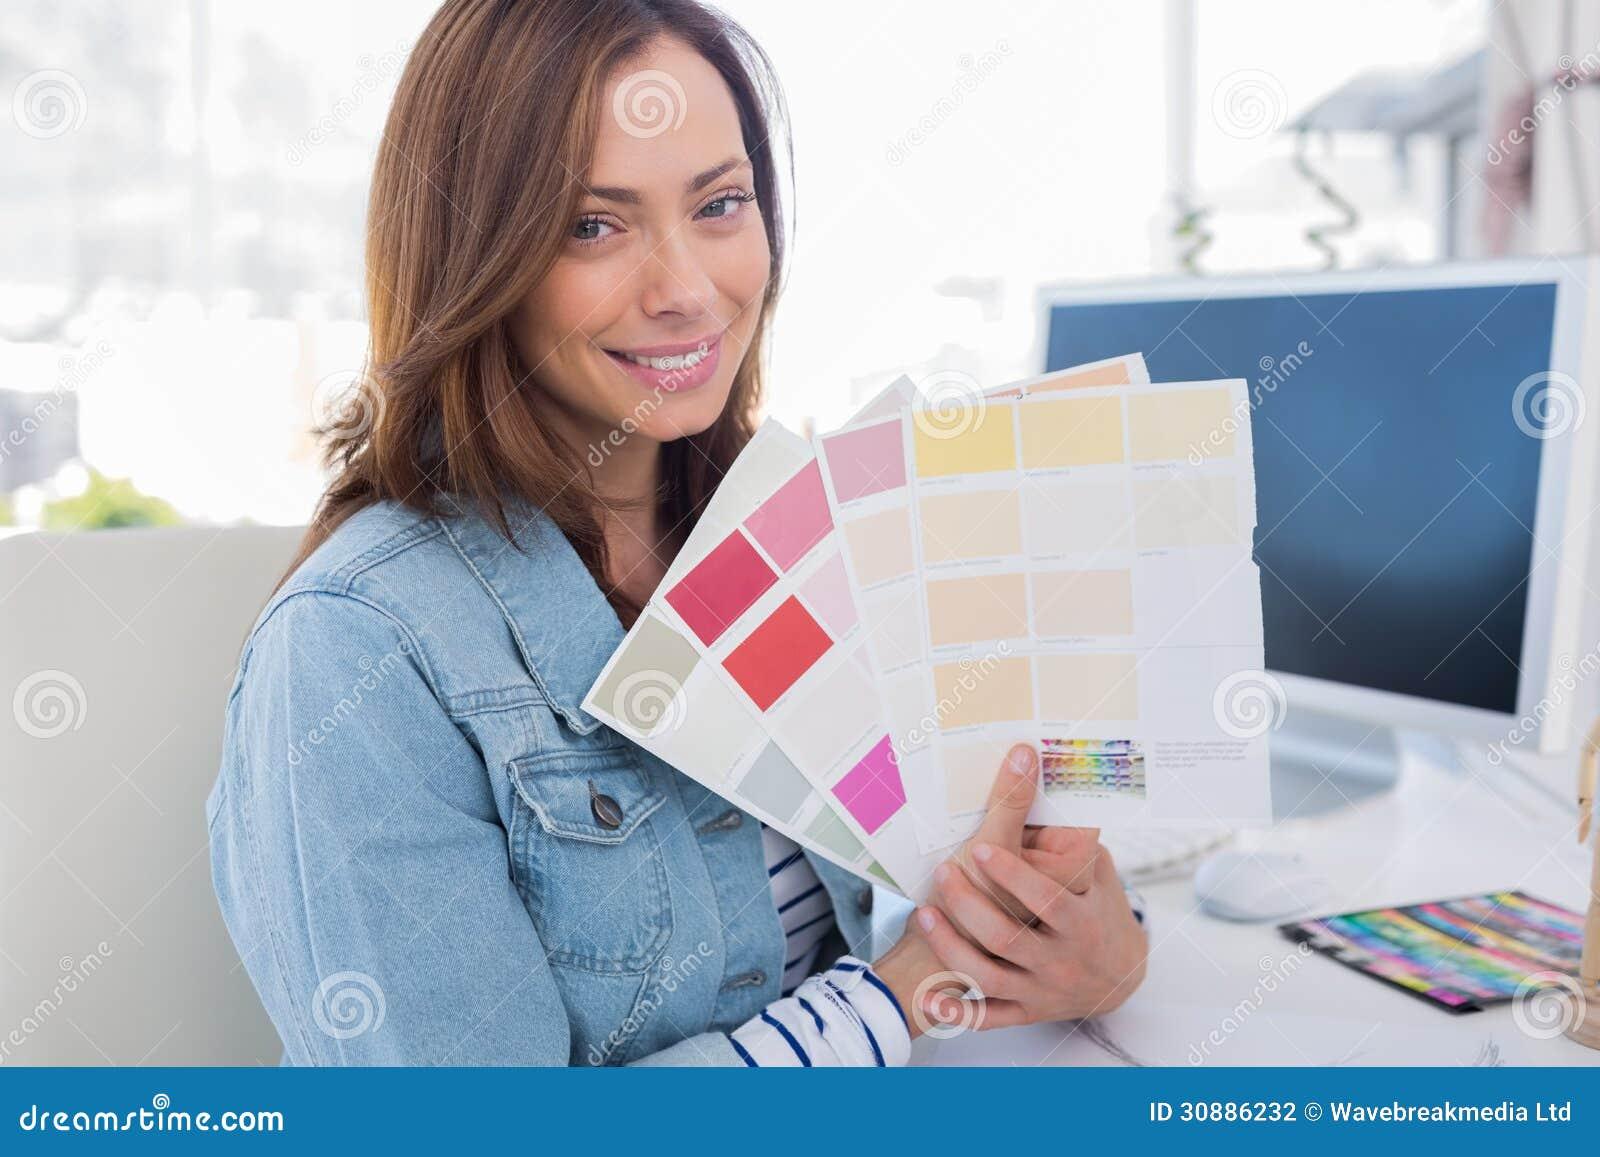 Architetto arredatore sorridente che sostiene i campioni for Lavoro arredatore